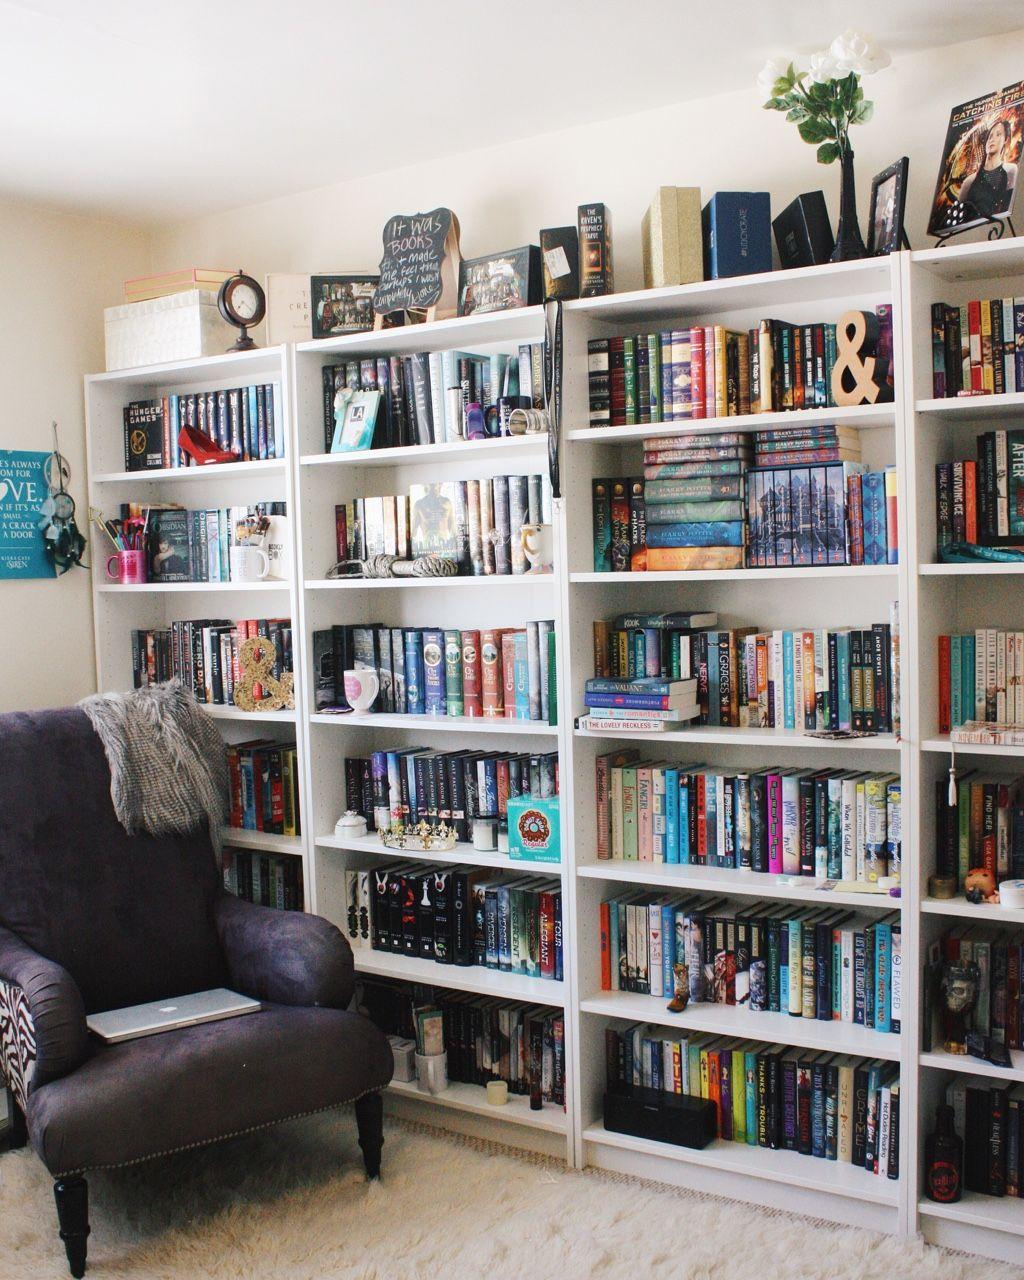 bestes zimmer der welt das inventar m chte ich auch haben bookshelf pinterest welt. Black Bedroom Furniture Sets. Home Design Ideas